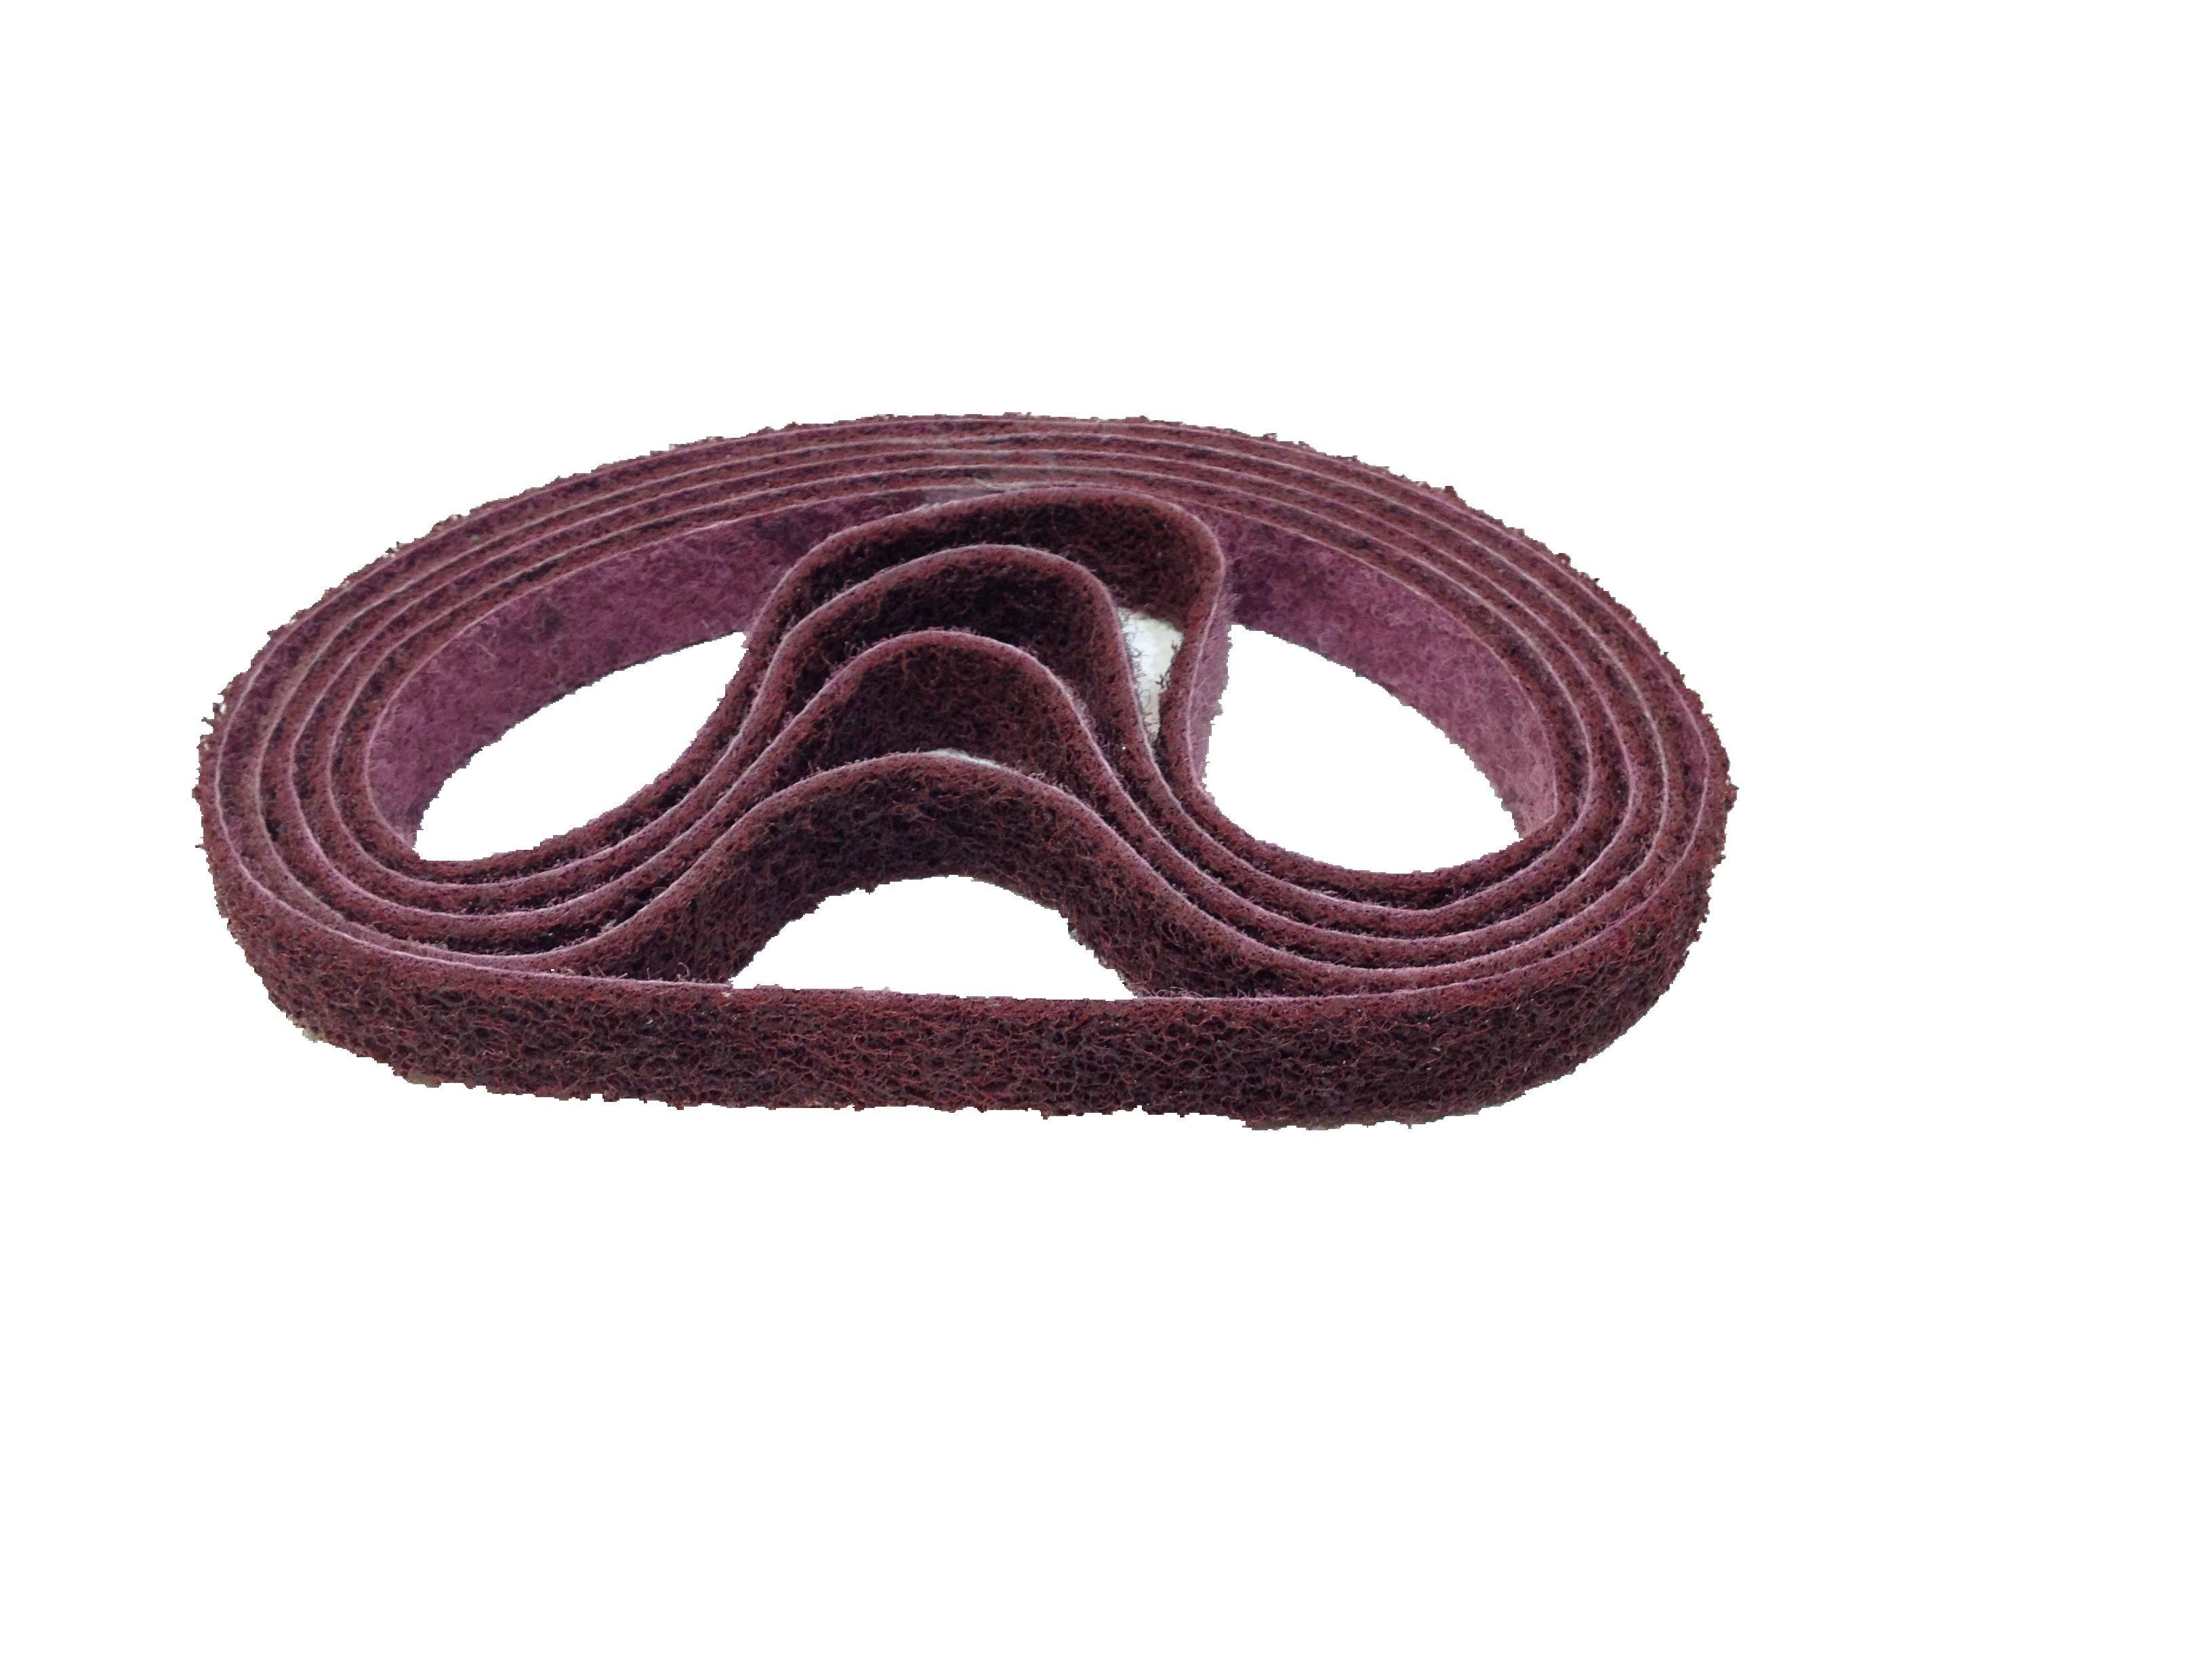 MPa Approved Sanding Abrasive Belt for Metal (professional manufacturer)